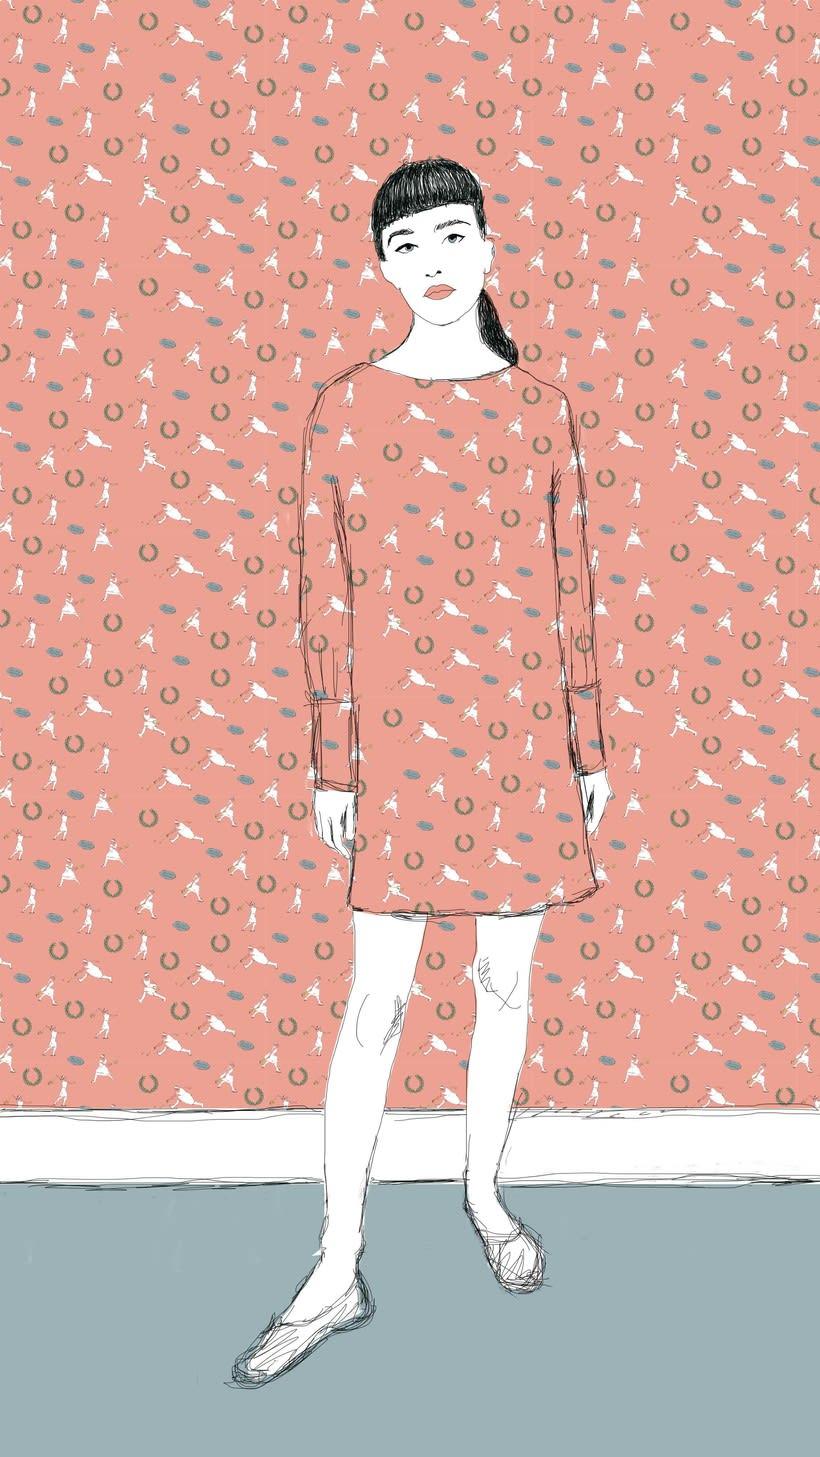 Diseño estampado textil pioneras del deporte femenino  8